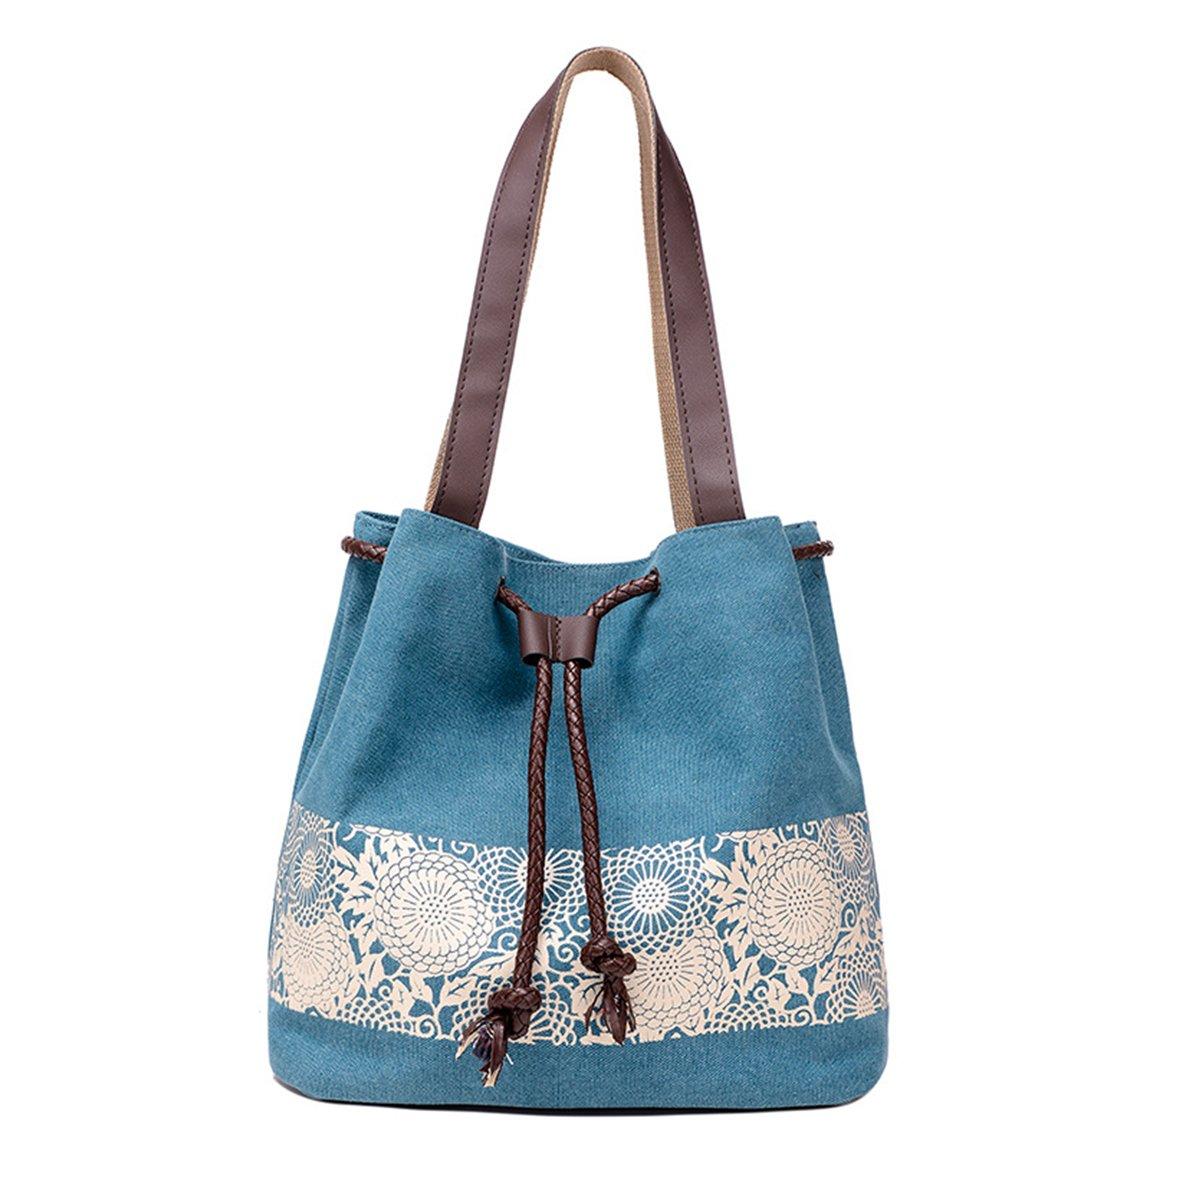 Evaliana Large Capacity Canvas Summer Beach Tote Bag Shopping Handbag Drawstring Bags